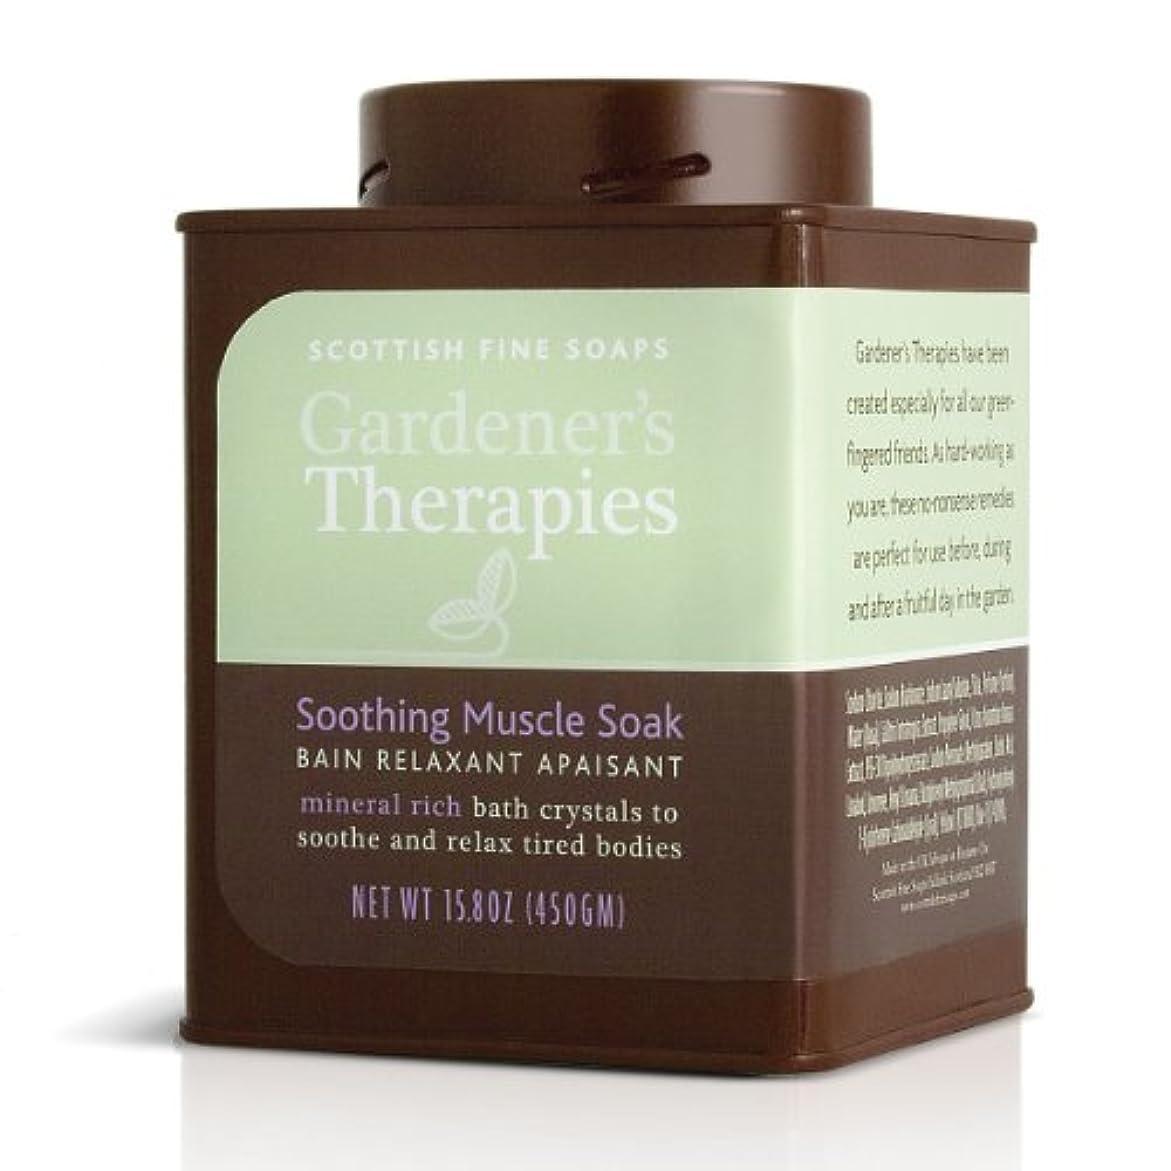 効率的税金年SCOTTISH FINE SOAPS(スコティッシュファインソープ) Gardener's Therapies(ガーデンセラピーシリーズ) リラクシングバスパウダー 500g 5016365005548